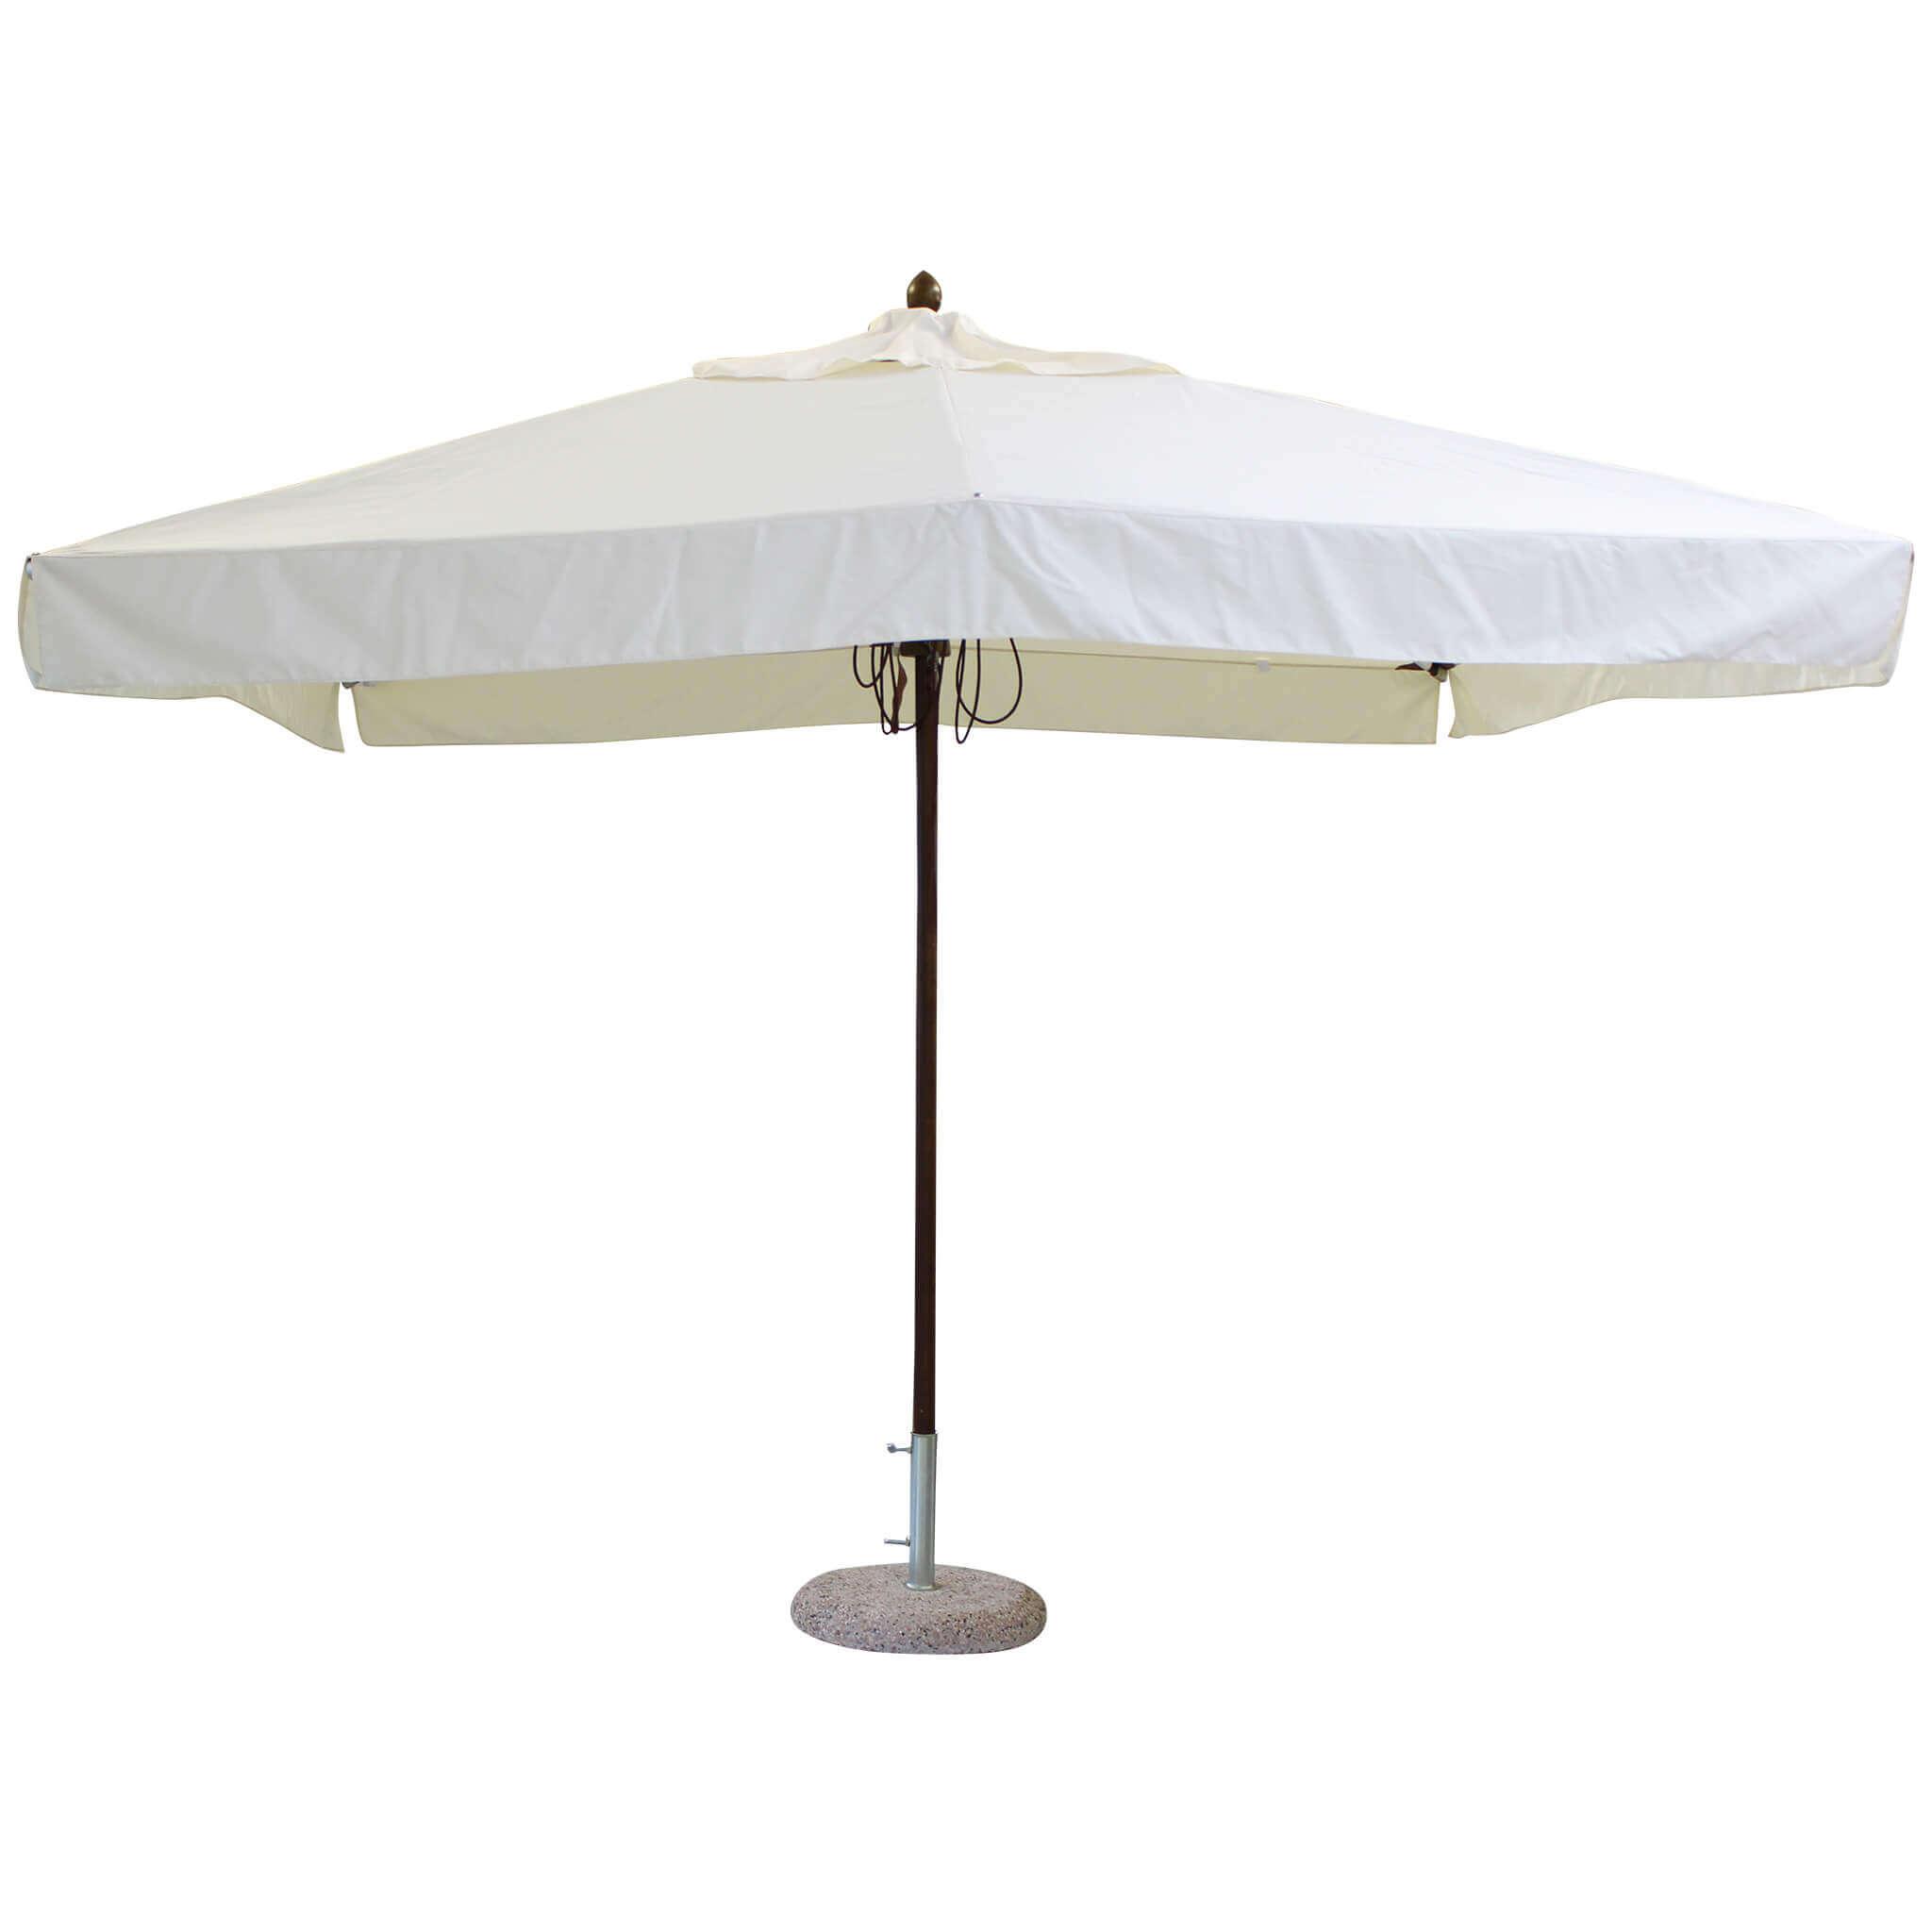 Milani Home VICTOR - ombrellone da giardino 3 x 4 palo centrale